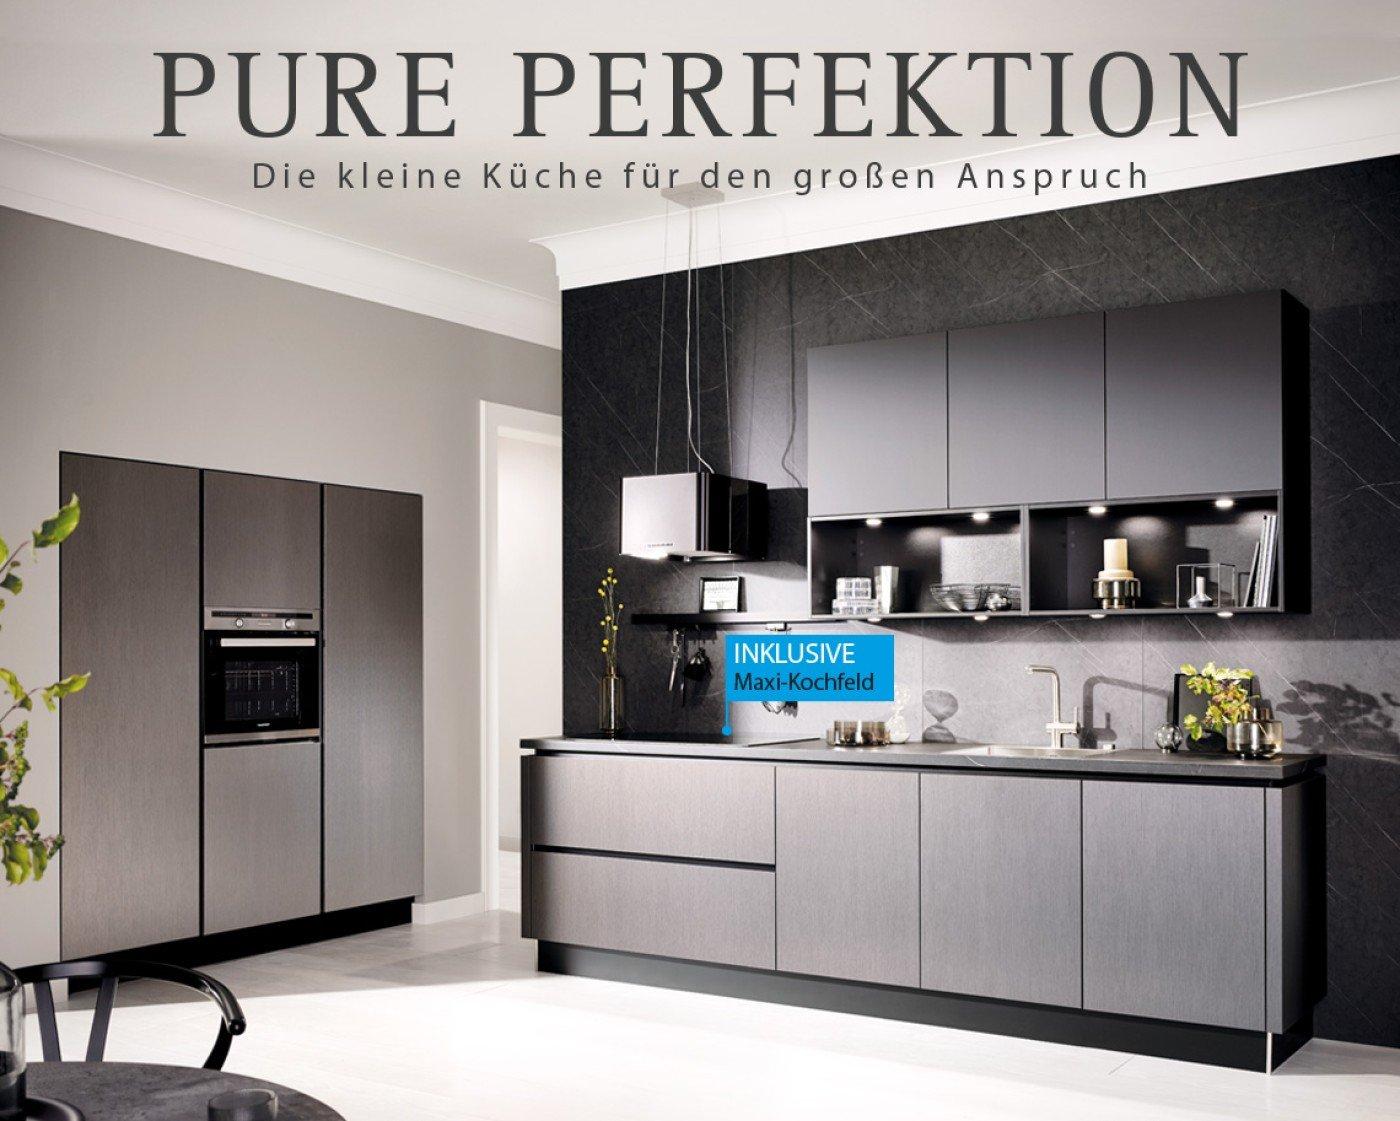 AV 2070 Küche Metallic dunkel gebürstet Korpus lavagrau, Arbeitplatte lavagrau